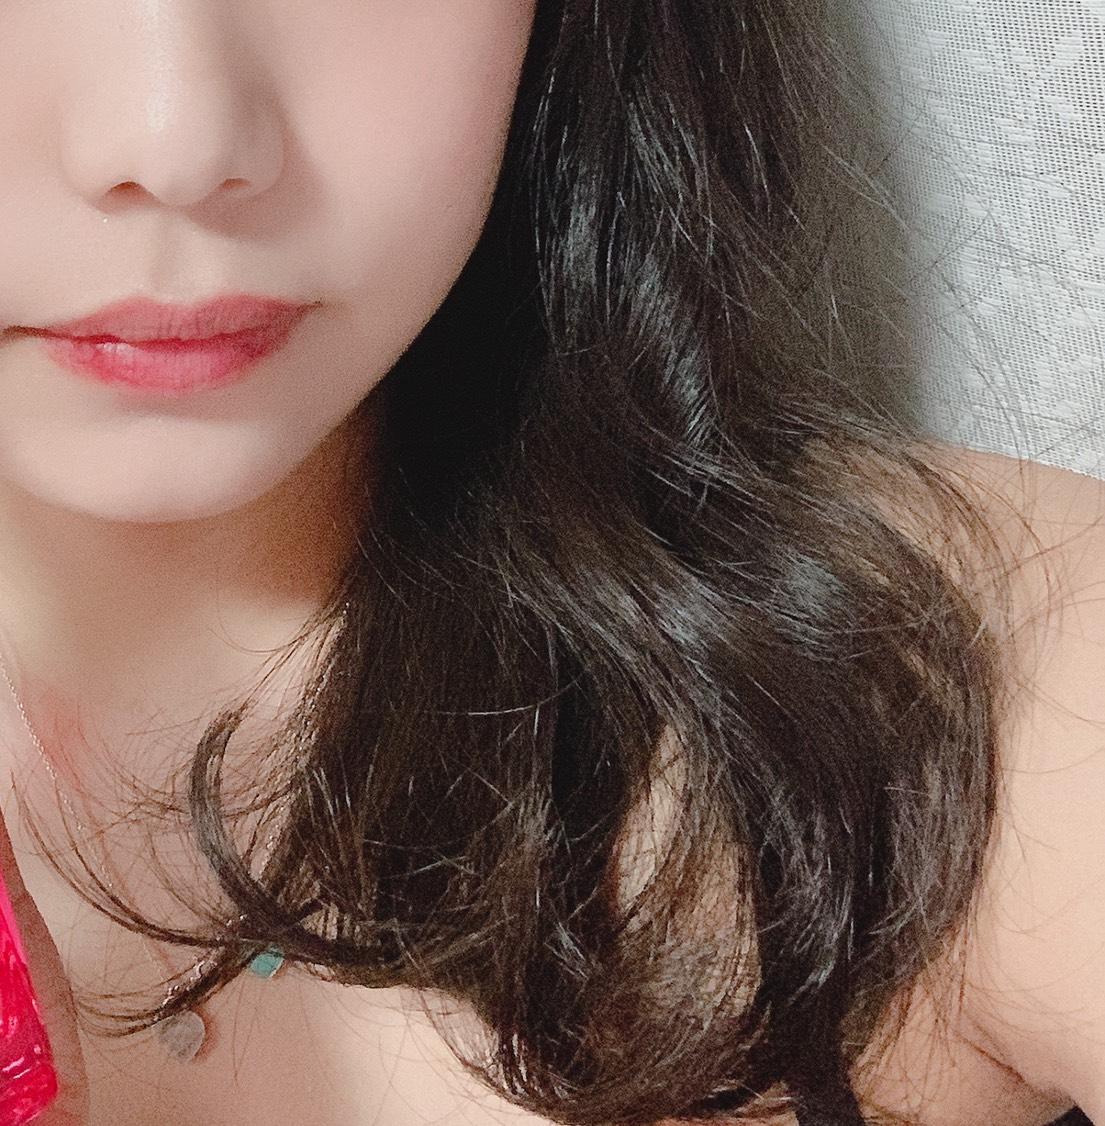 艶髪!いい香り!ロレアルパリのヘアオイル!のAfter画像